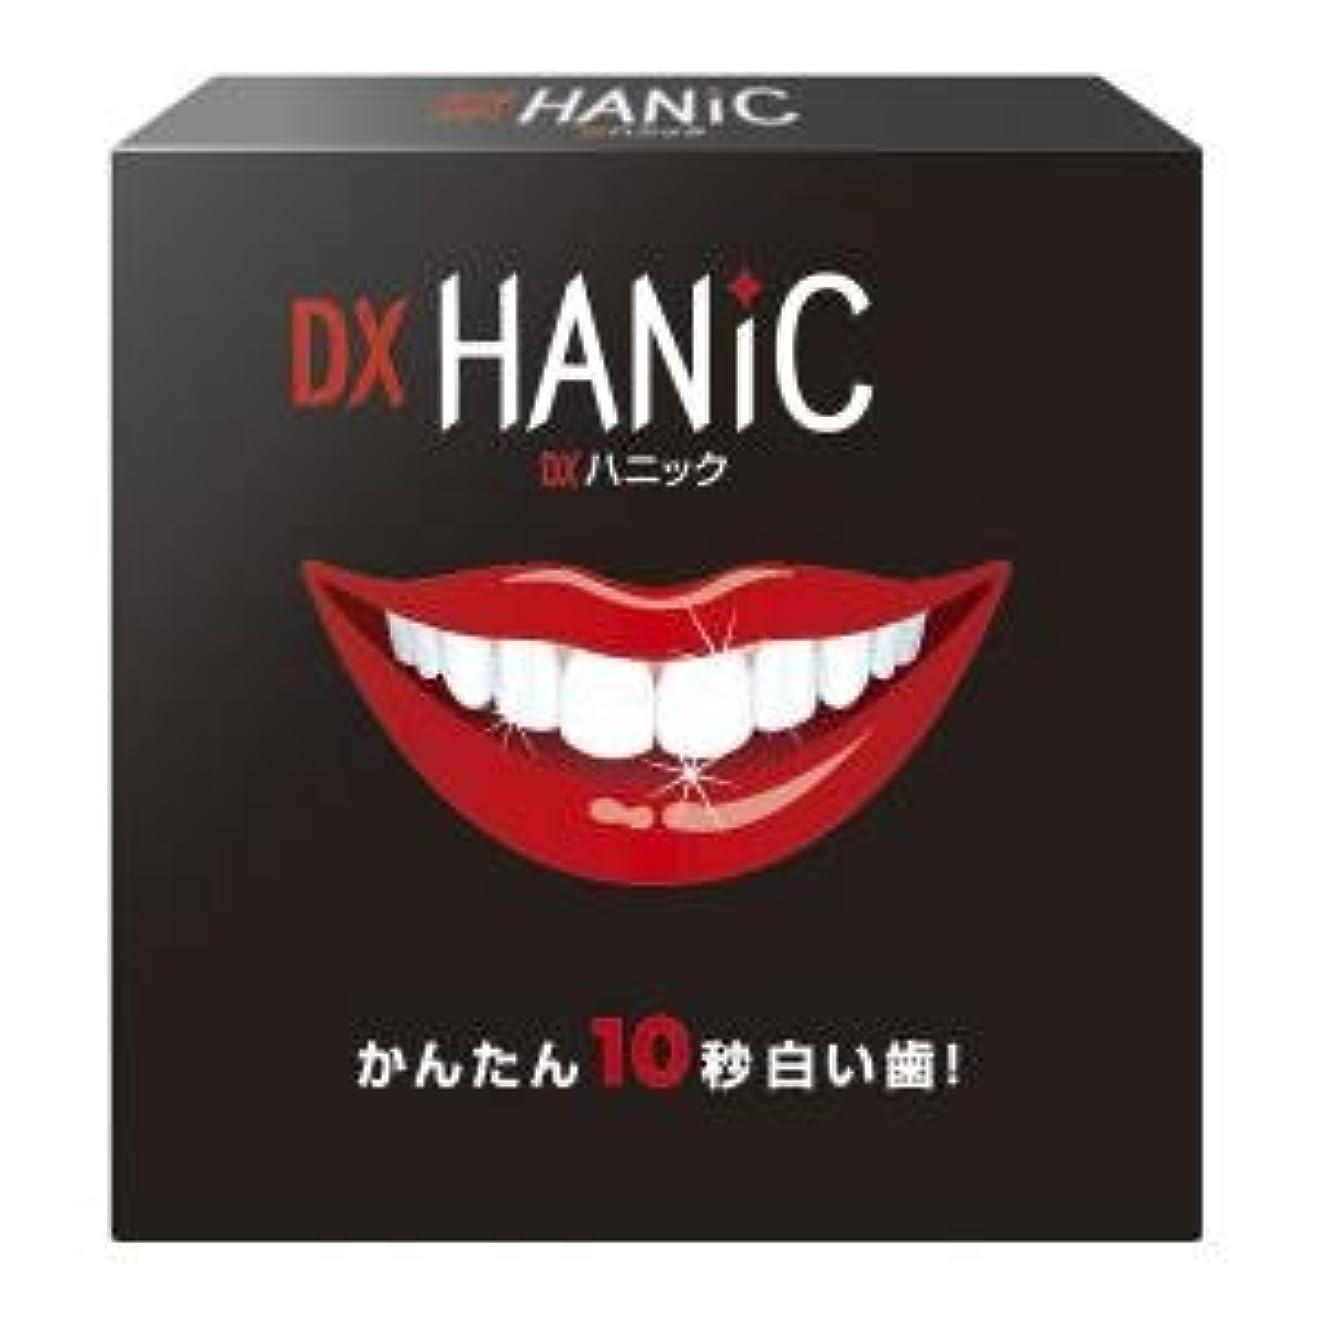 揺れる授業料変換ホワイトニング、白い歯 DXハニック デンタルコットン付き